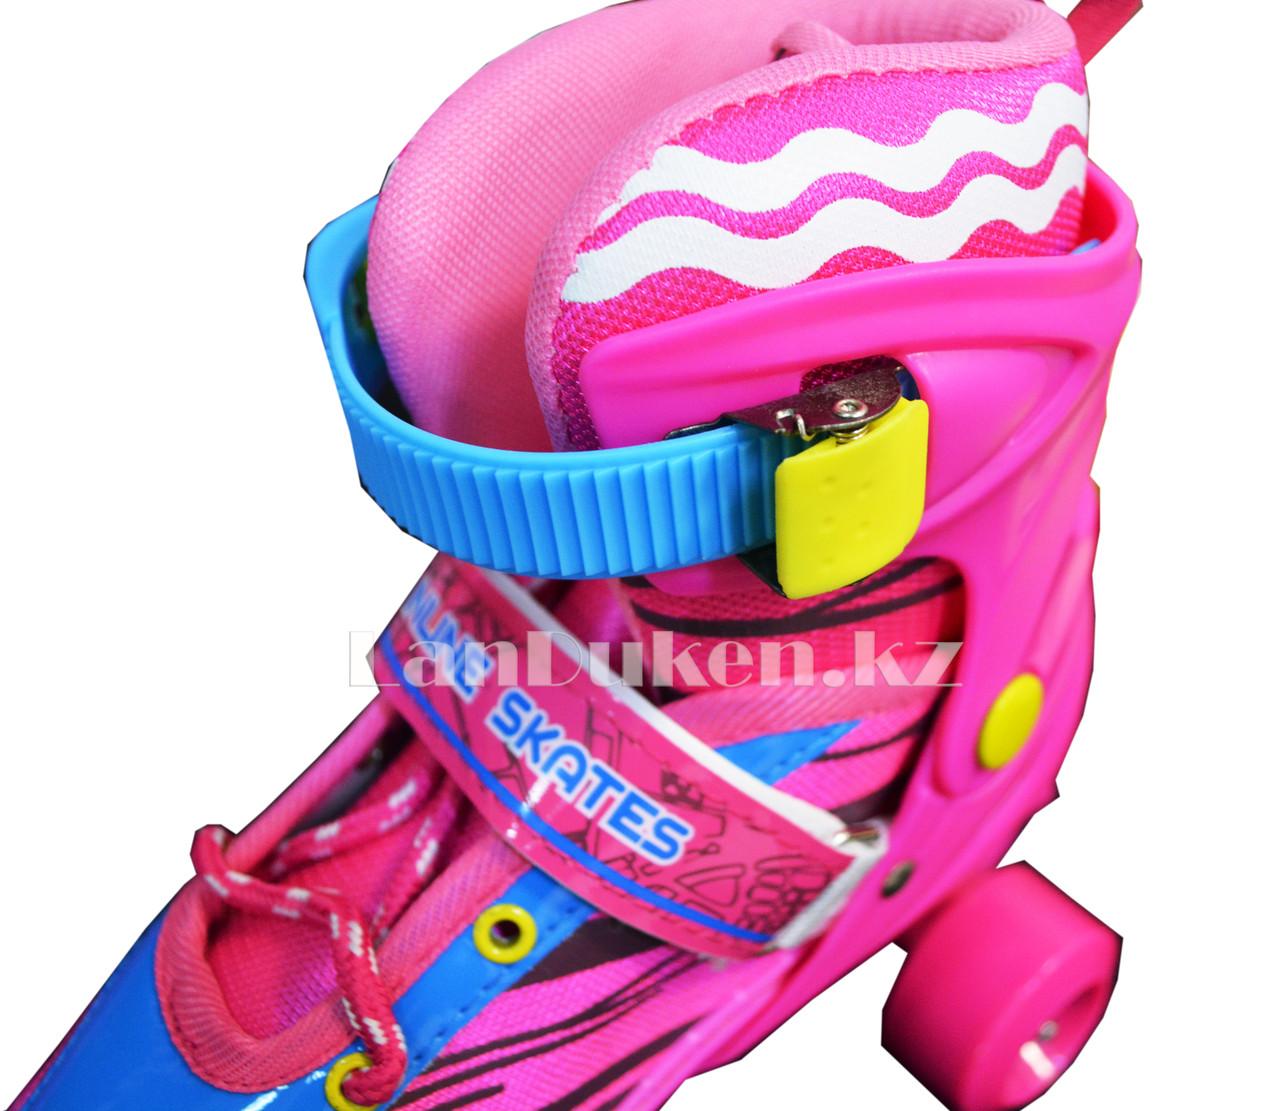 Ролики квады 4-х колесные раздвижные с прошивкой розовые - фото 2